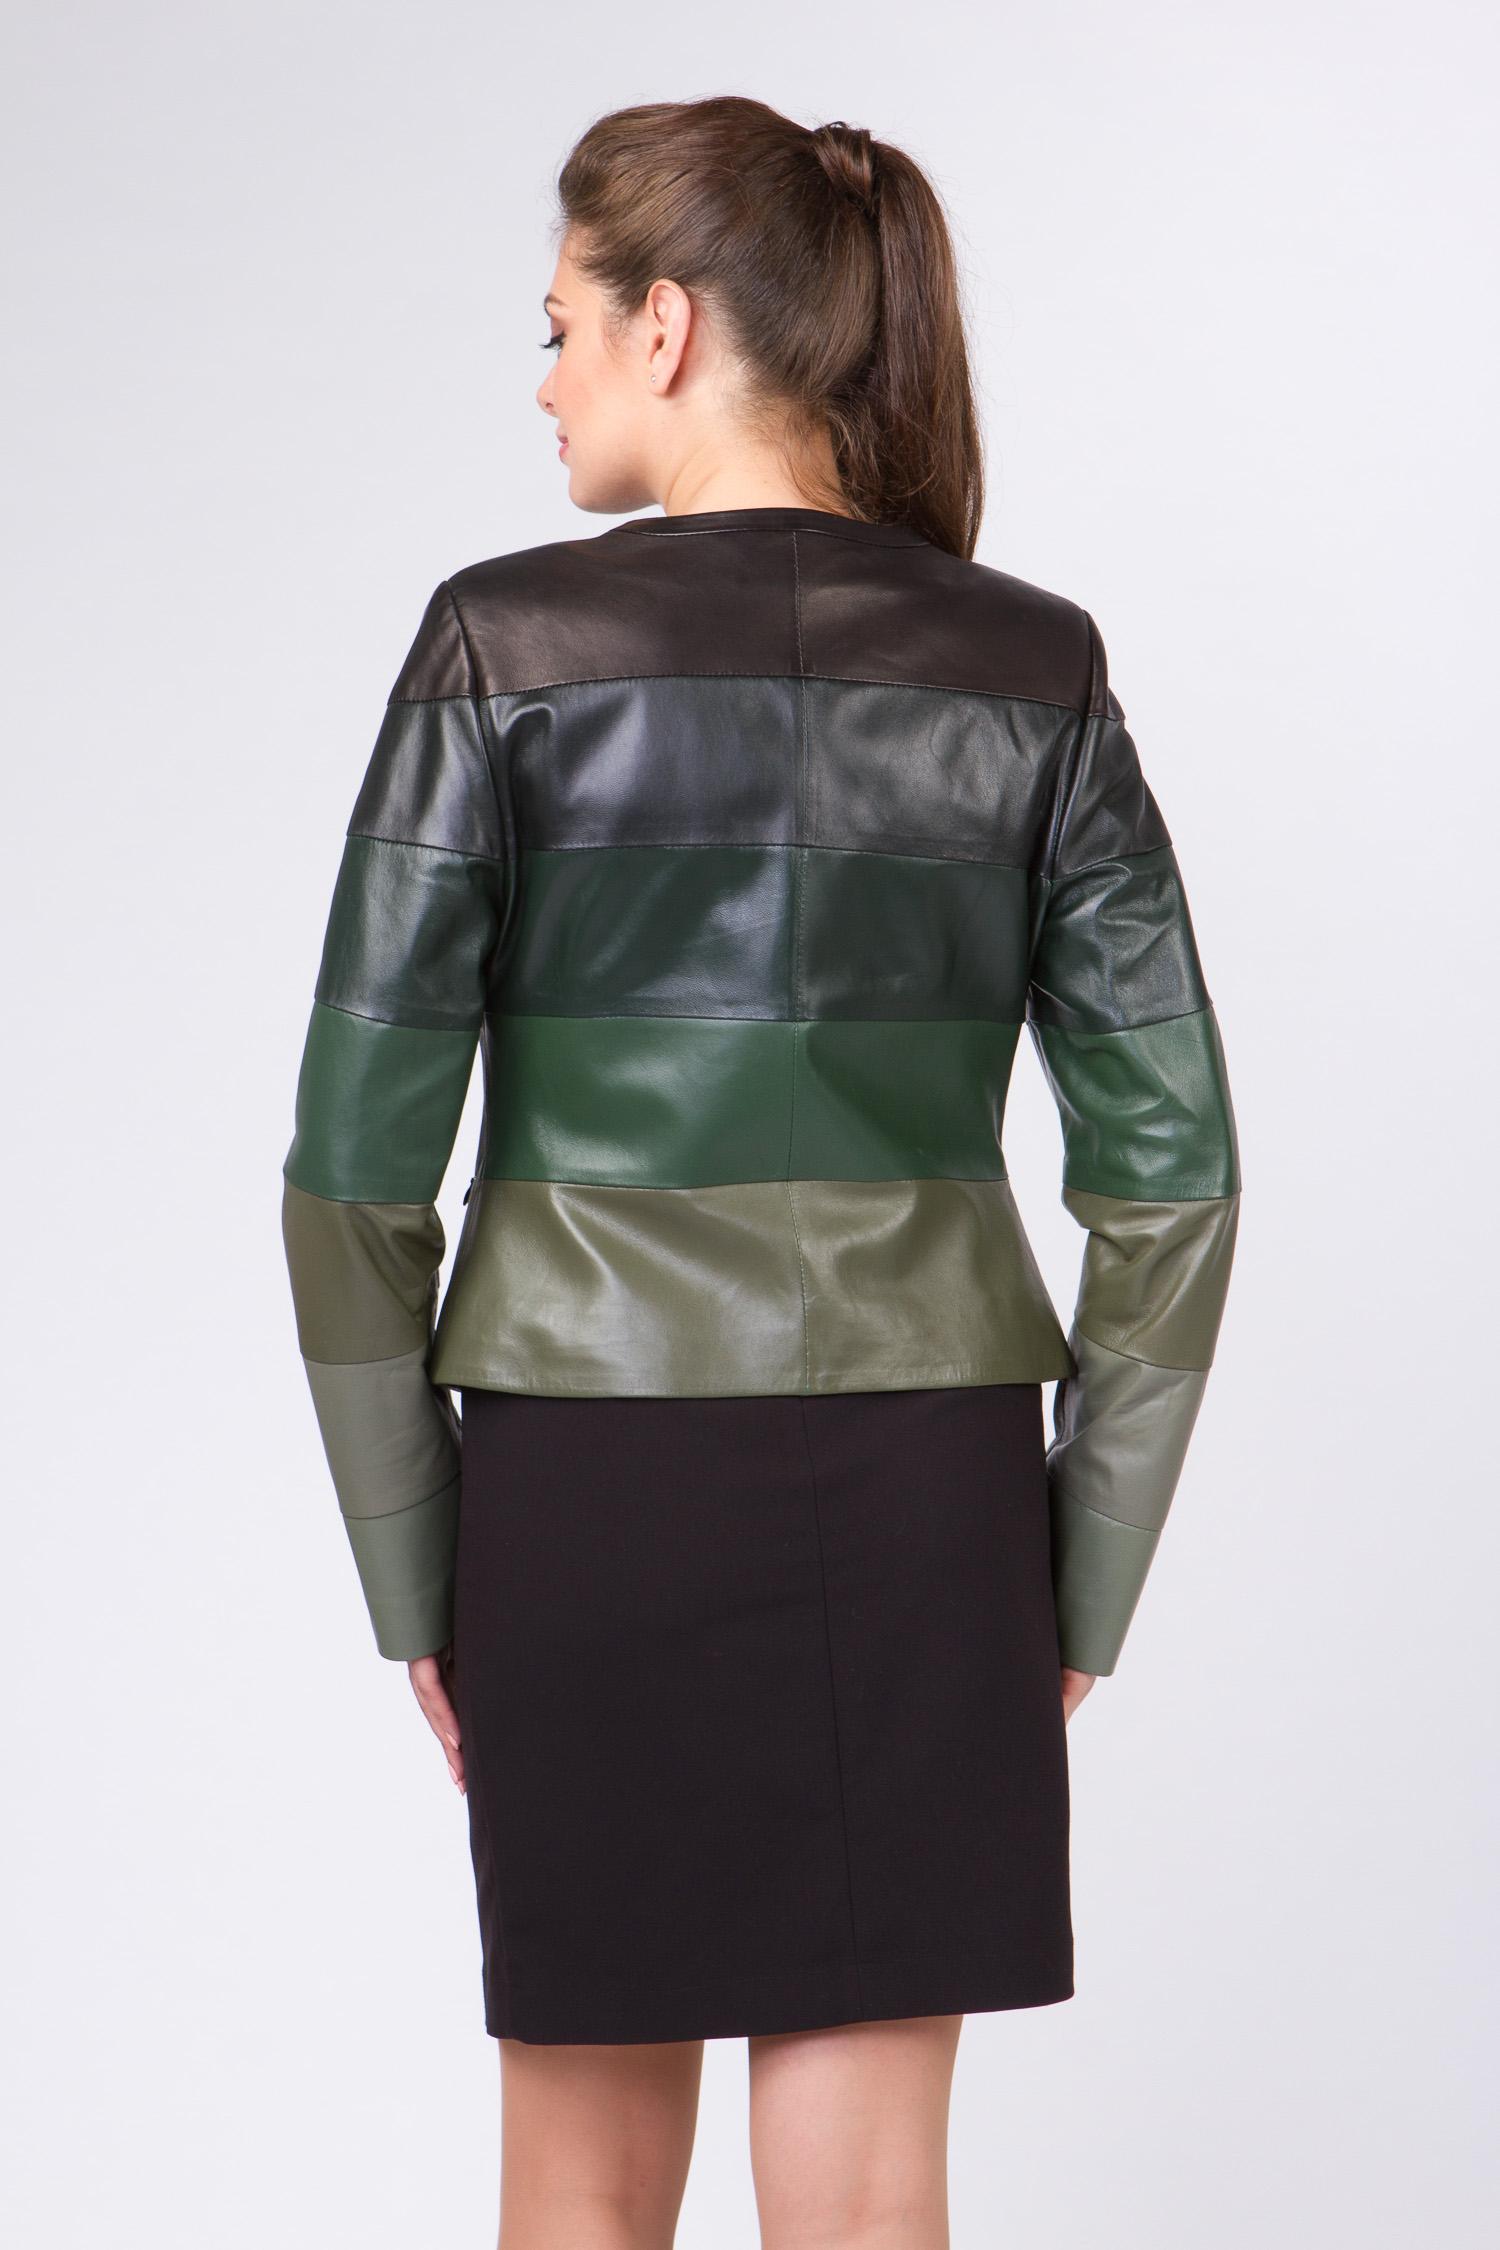 Женское кожаное пальто из натуральной кожи с капюшоном, отделка мутон